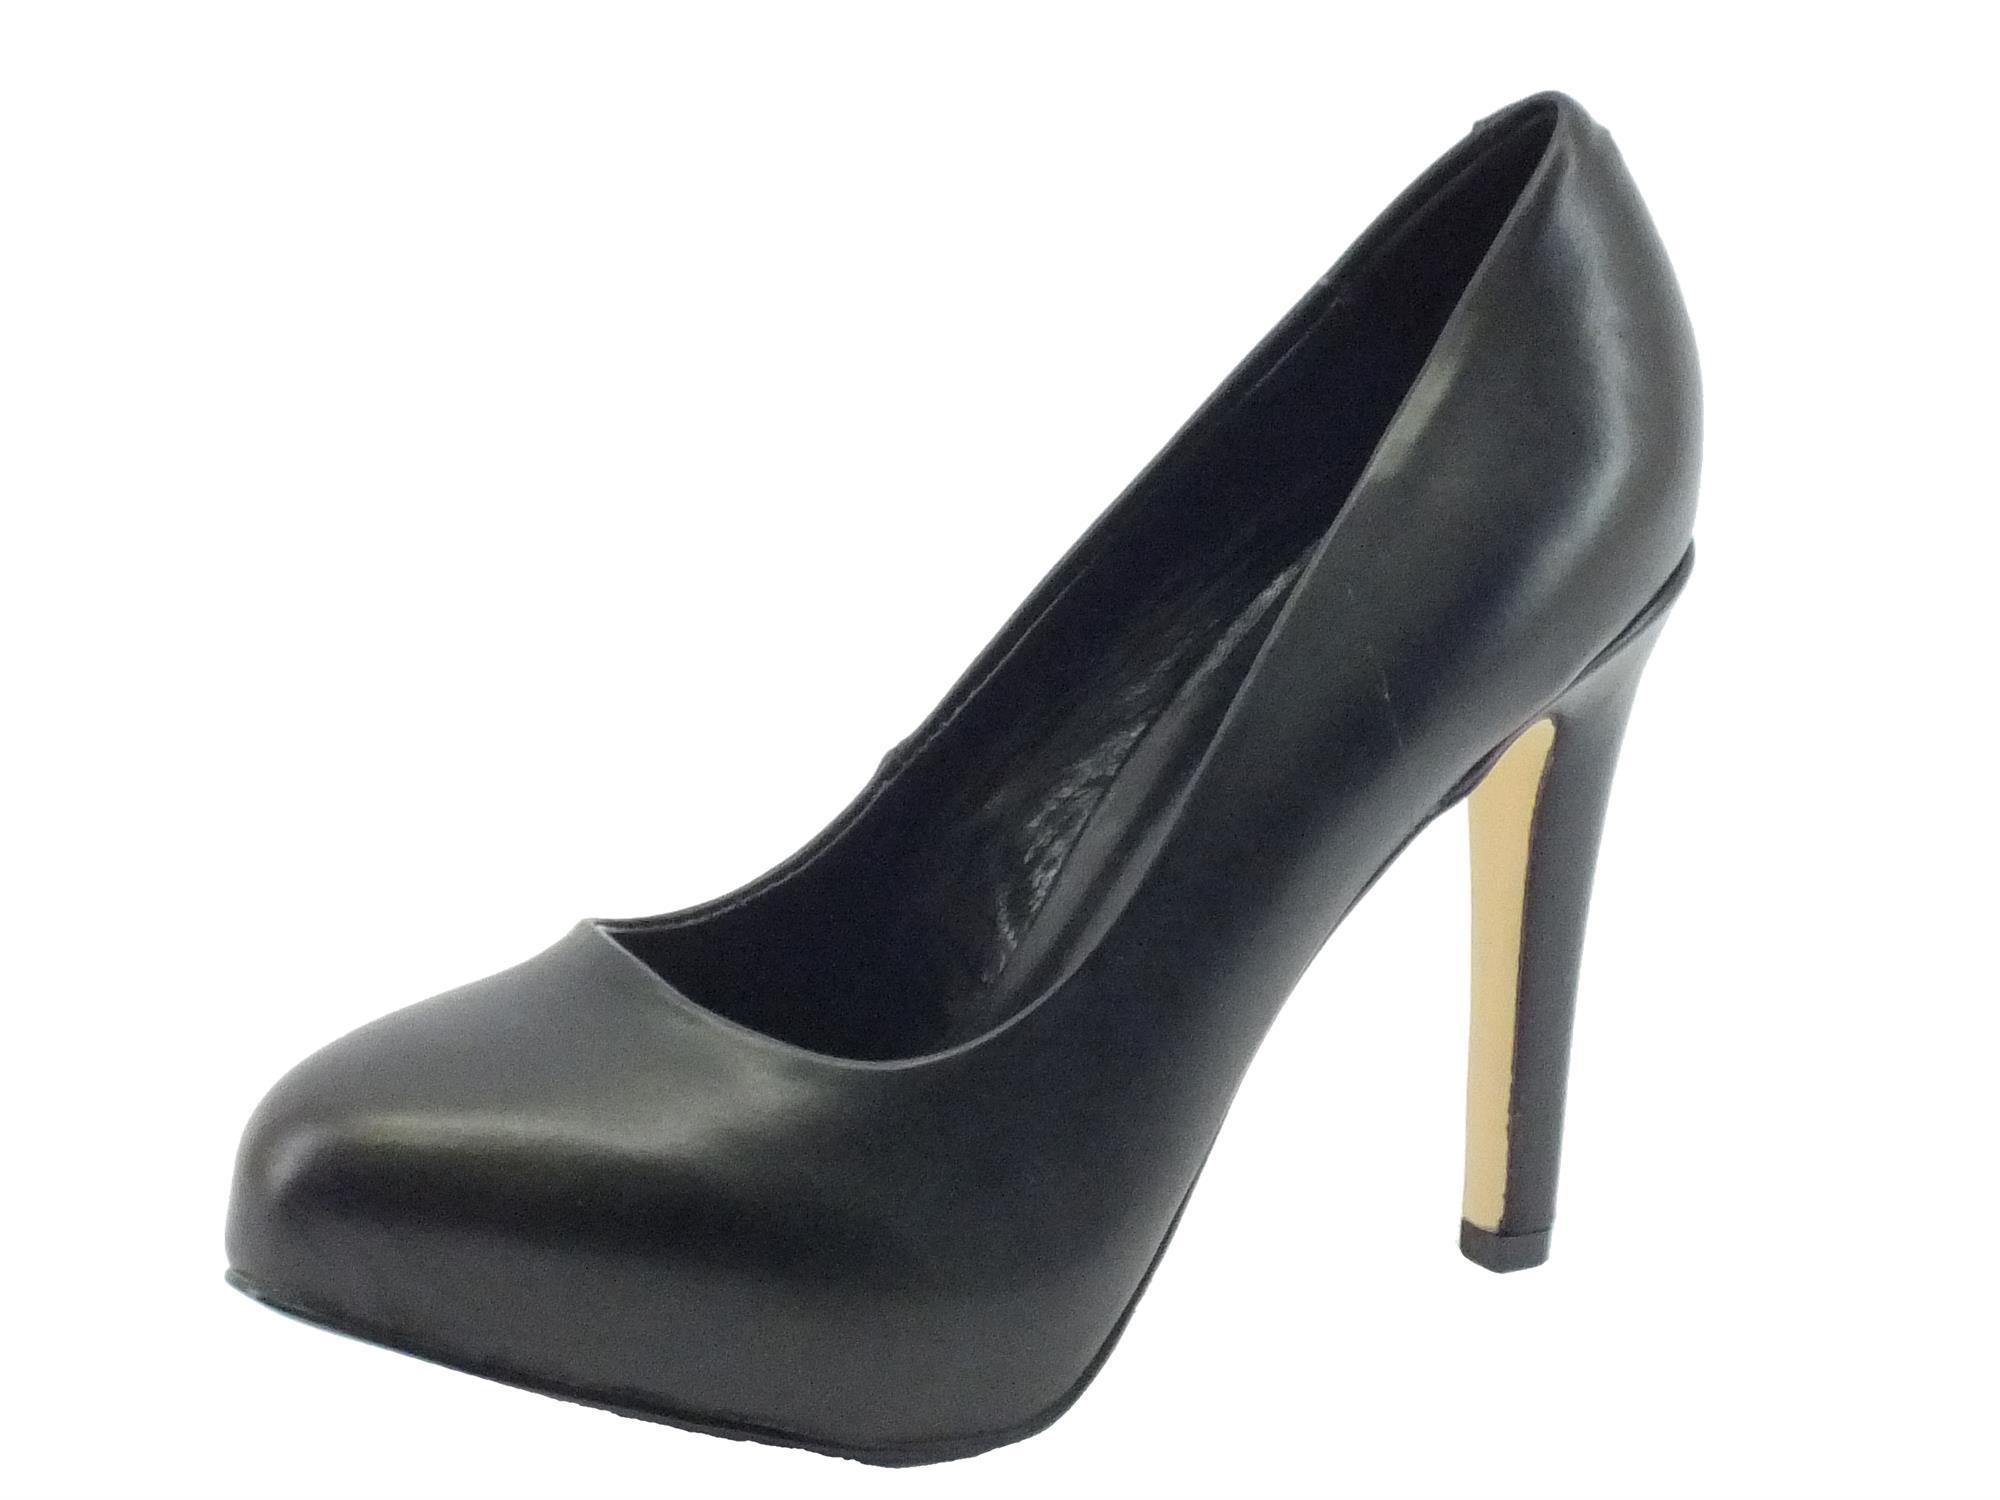 Decoltè CafèNoir pelle donna pelle CafèNoir nera tacco 10cm Vitiello Calzature fc93fc